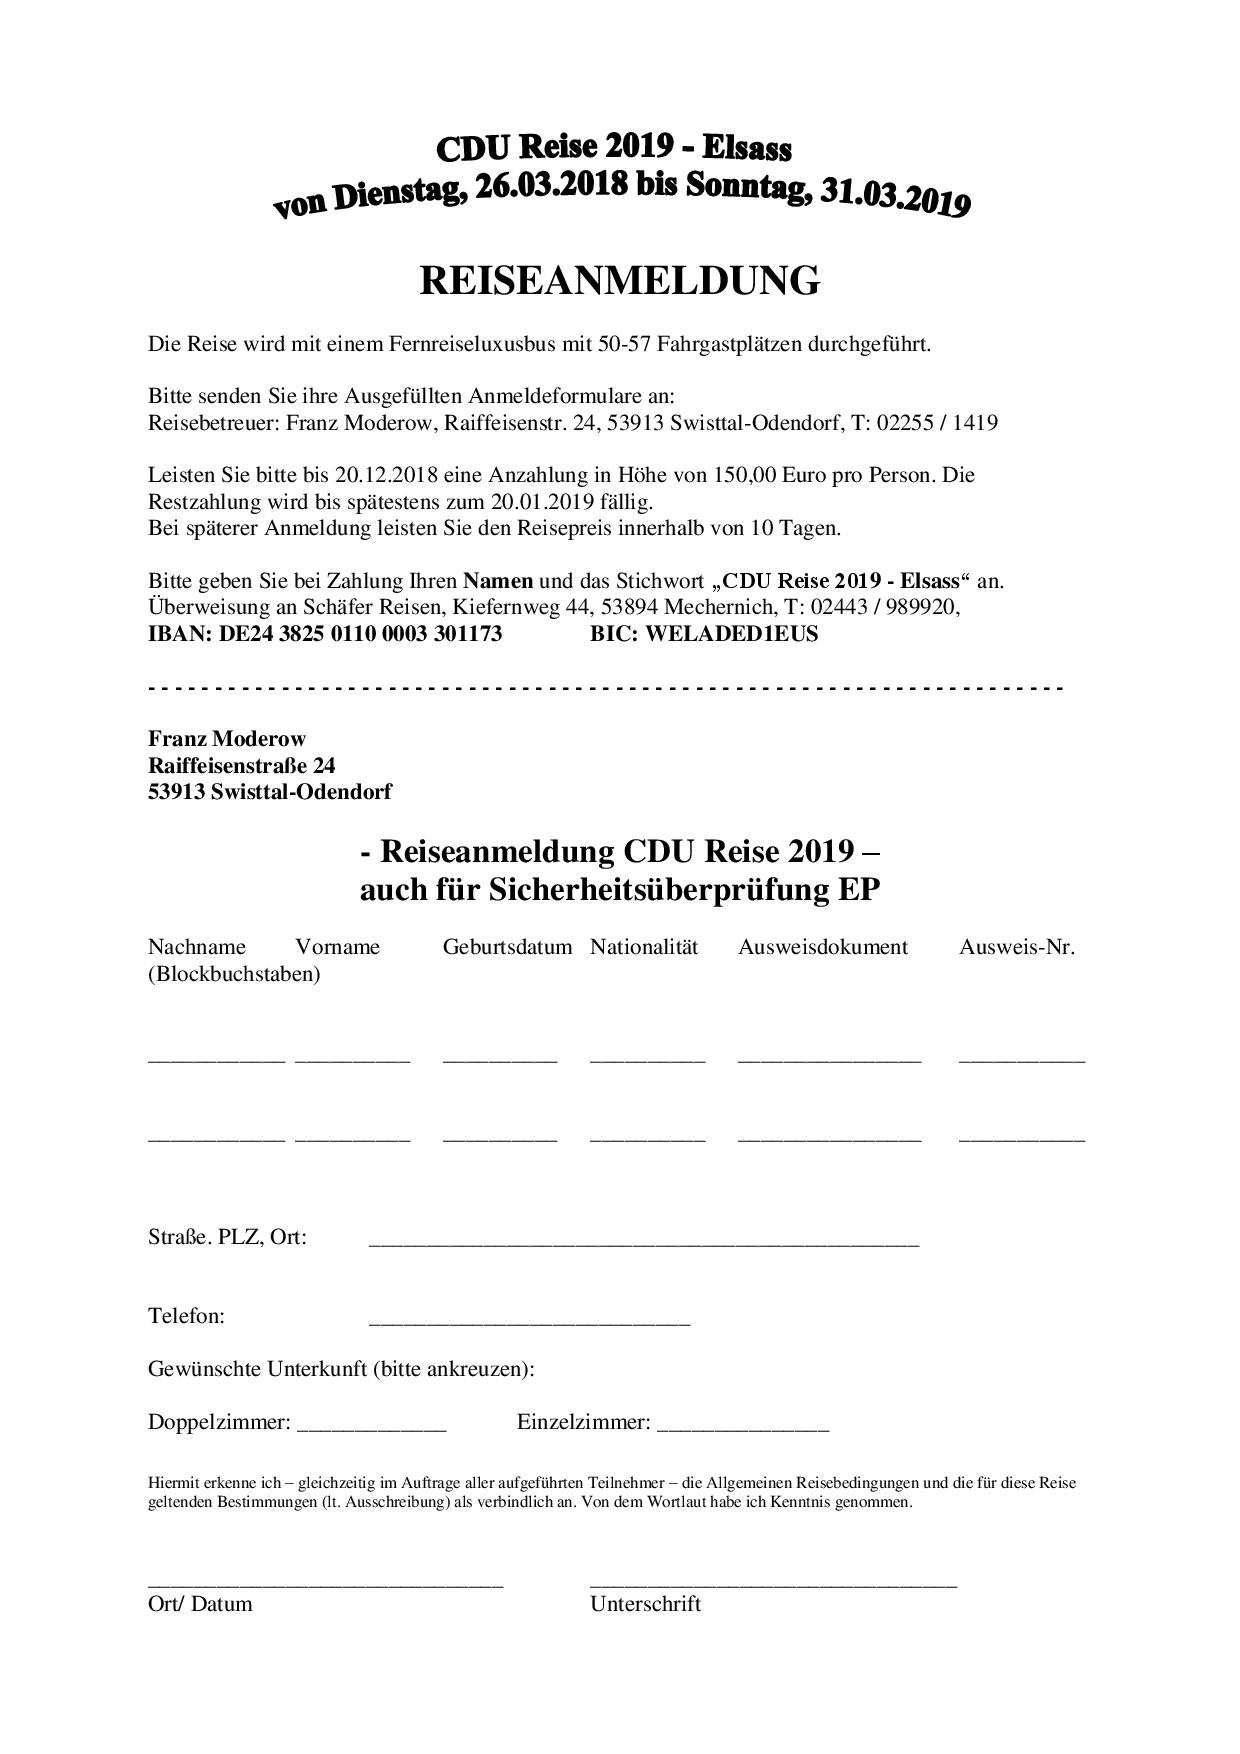 Reiseanmeldung - CDU-Reise 2019 in den Elsass